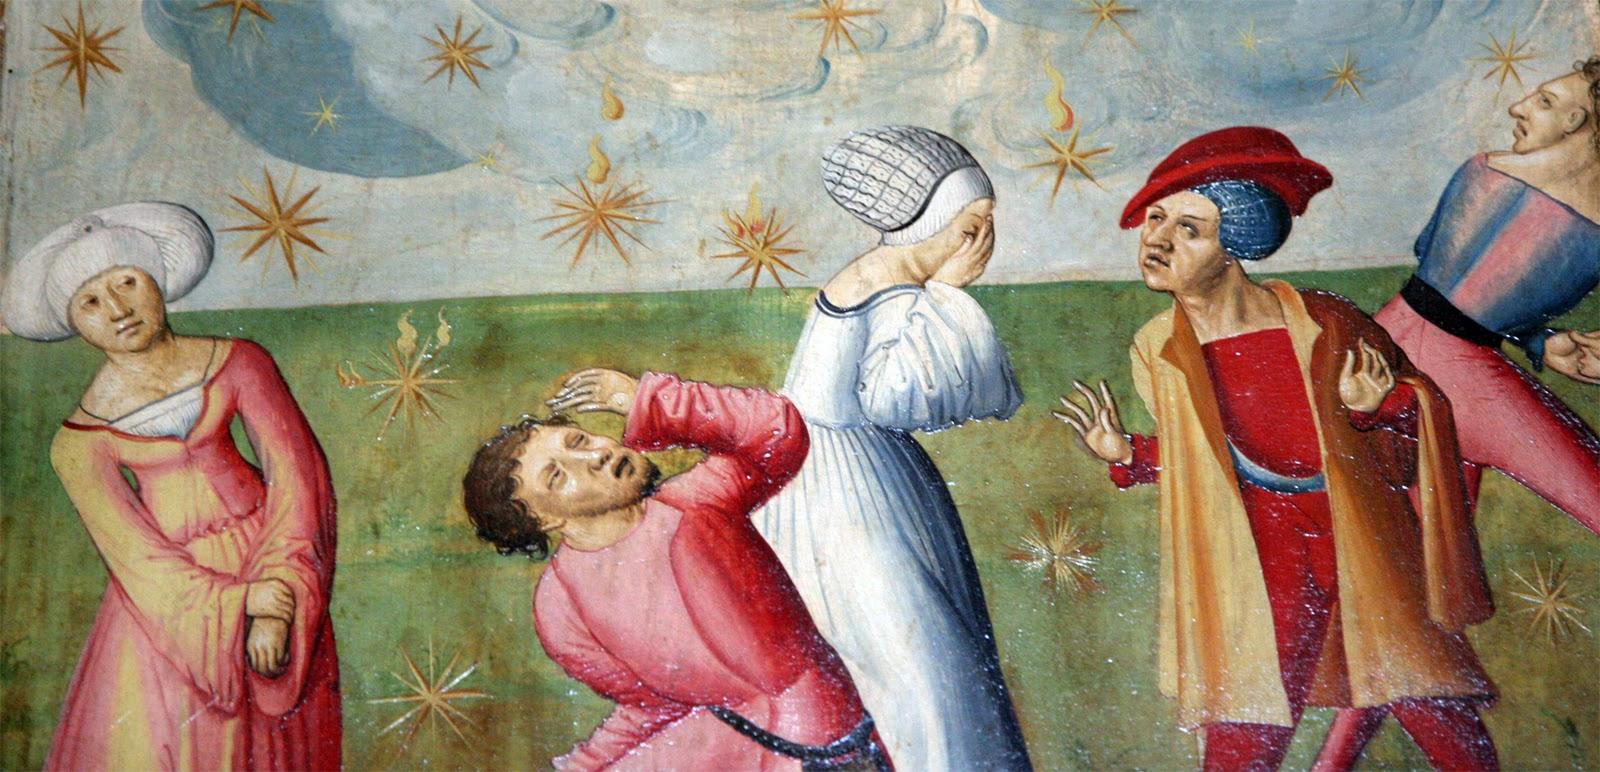 Incroyable Les Etoiles Tombent Du Ciel #6: J-3 : Les Etoiles Tombent Du Ciel Et Les Bêtes Sont Sans Manger